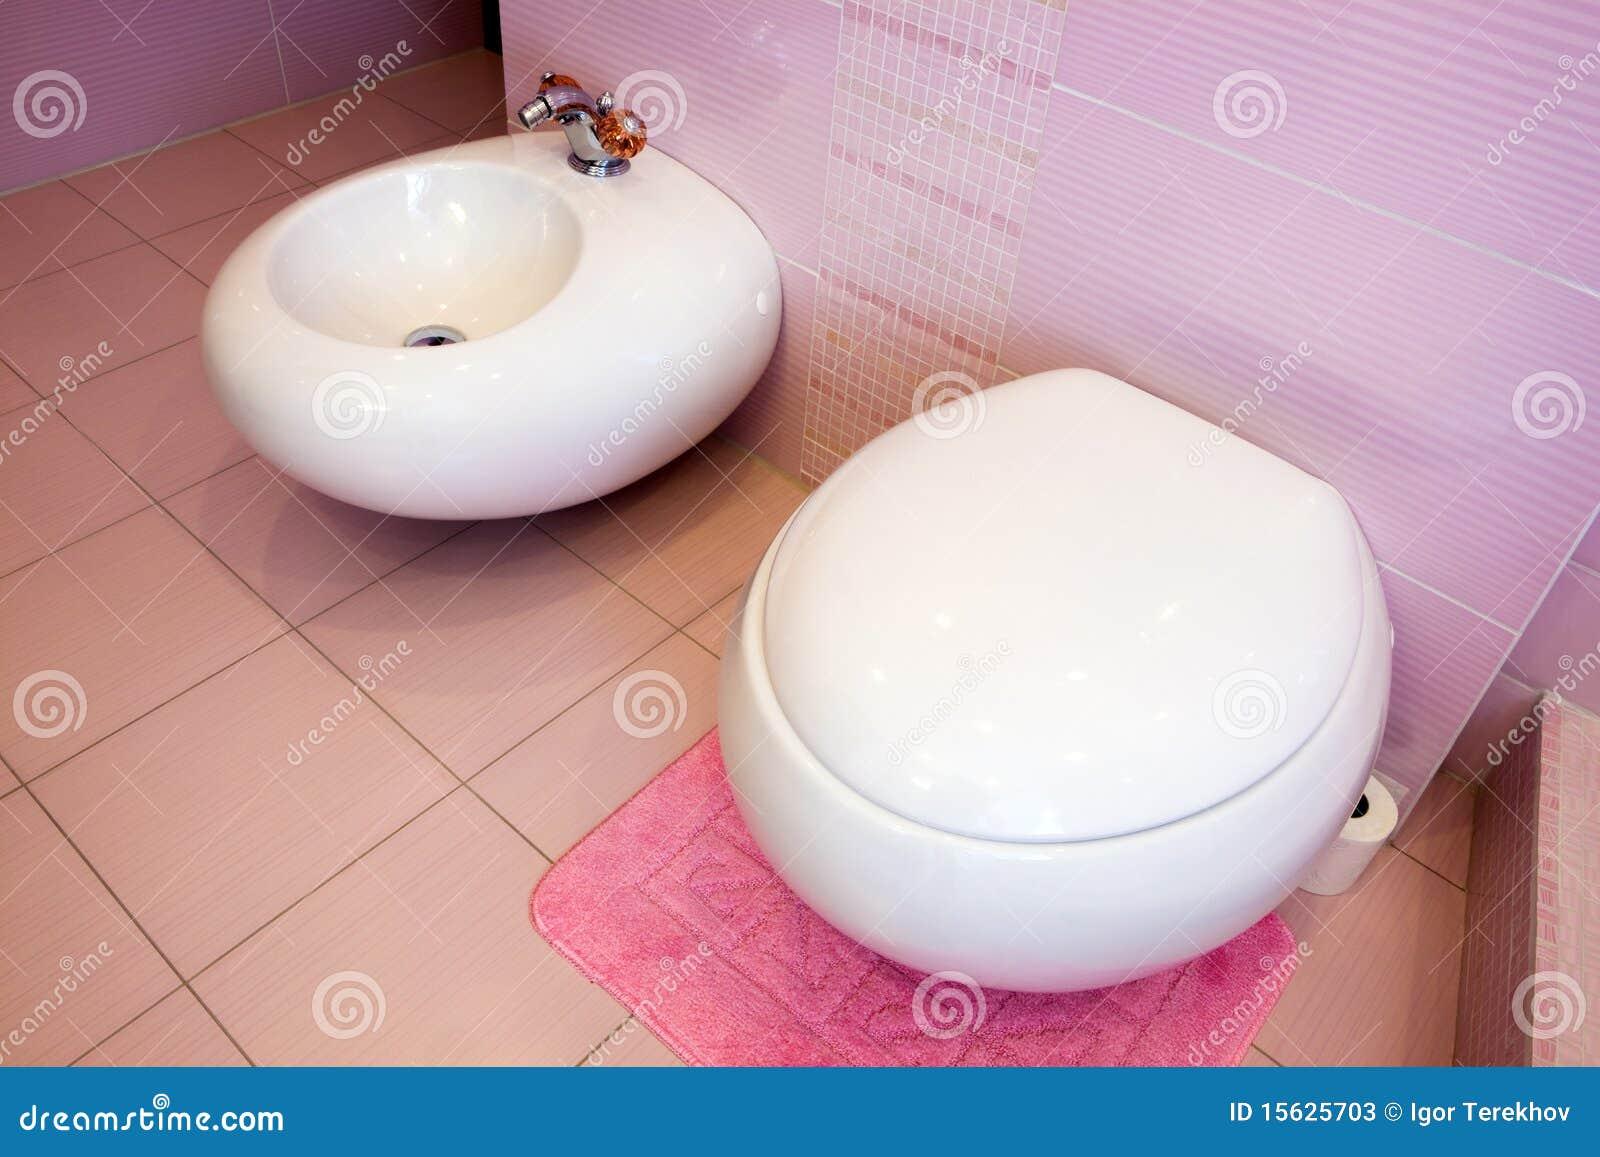 Banheiro Cor de rosa Bonito Fotos de Stock Imagem: 15625703 #973456 1300x957 Banheiro Bonito